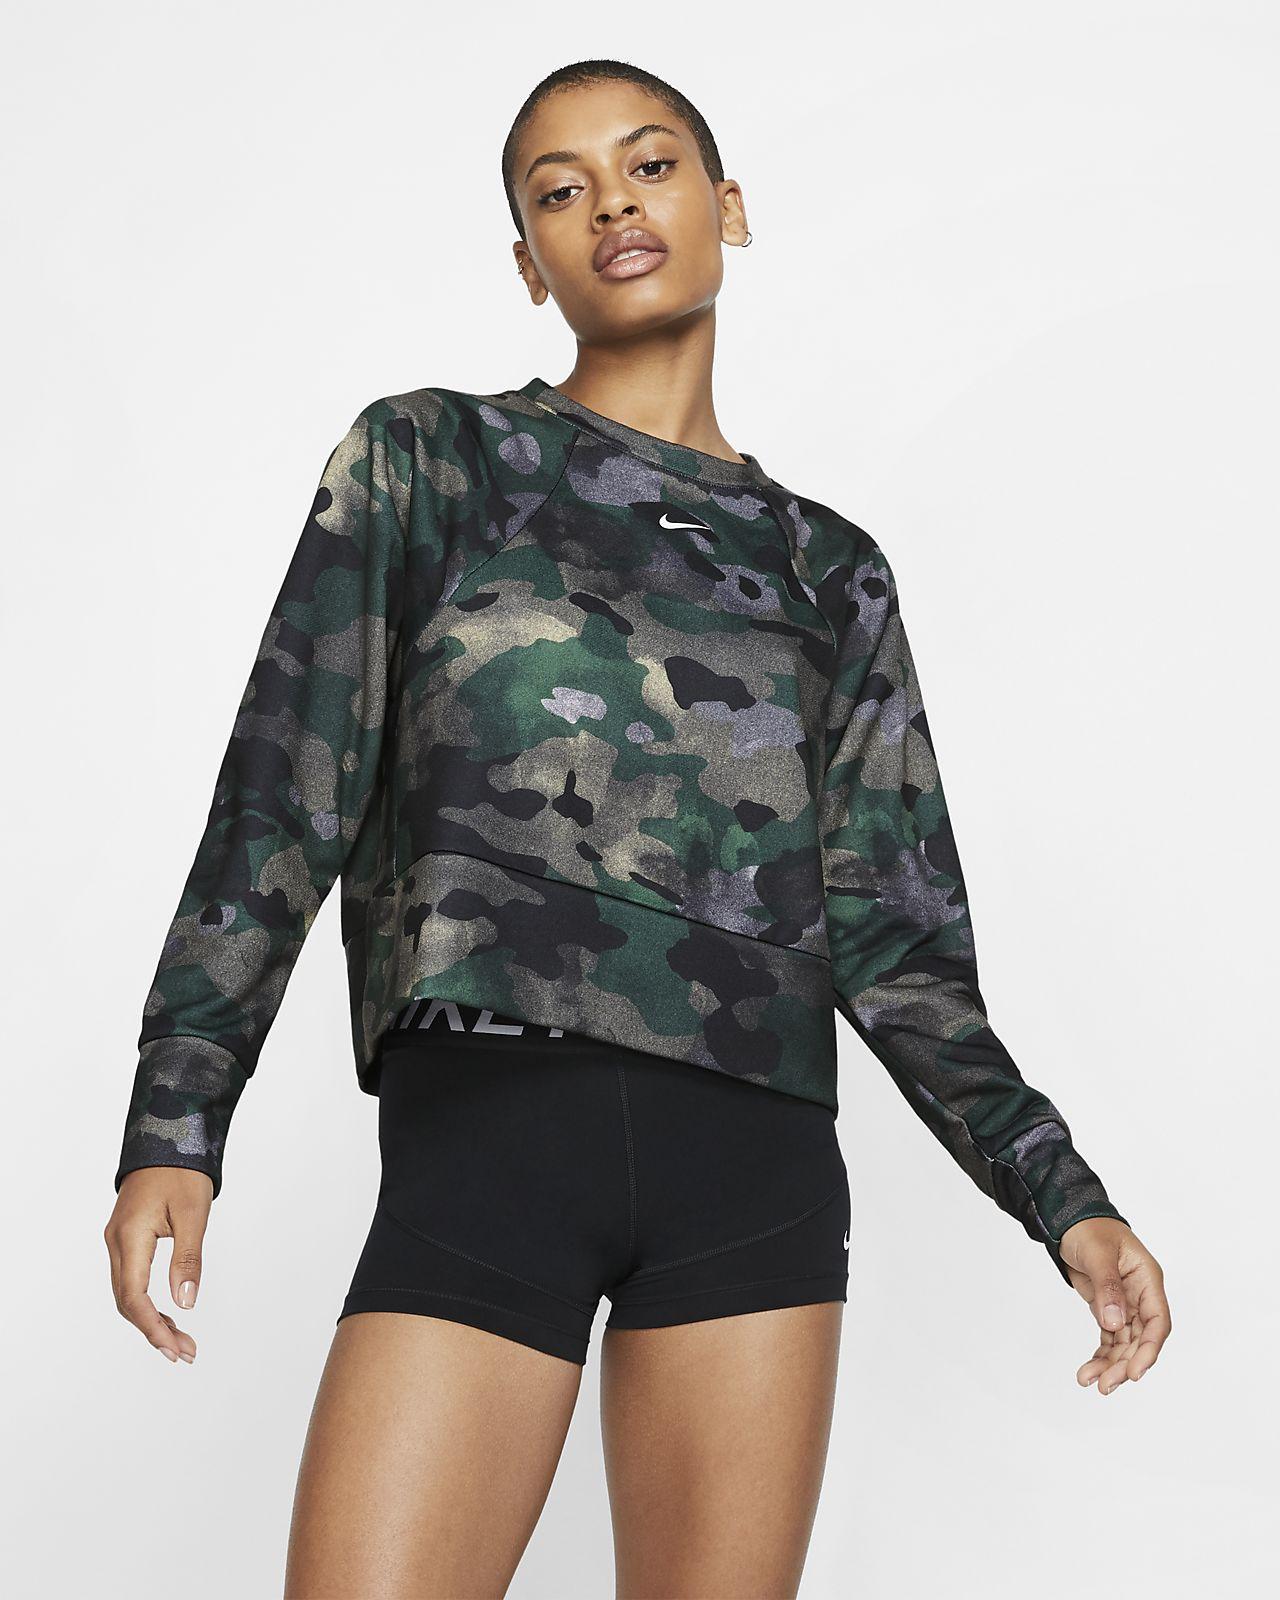 Nike Dri-FIT Camiseta de entrenamiento con estampado de camuflaje en tejido Fleece - Mujer